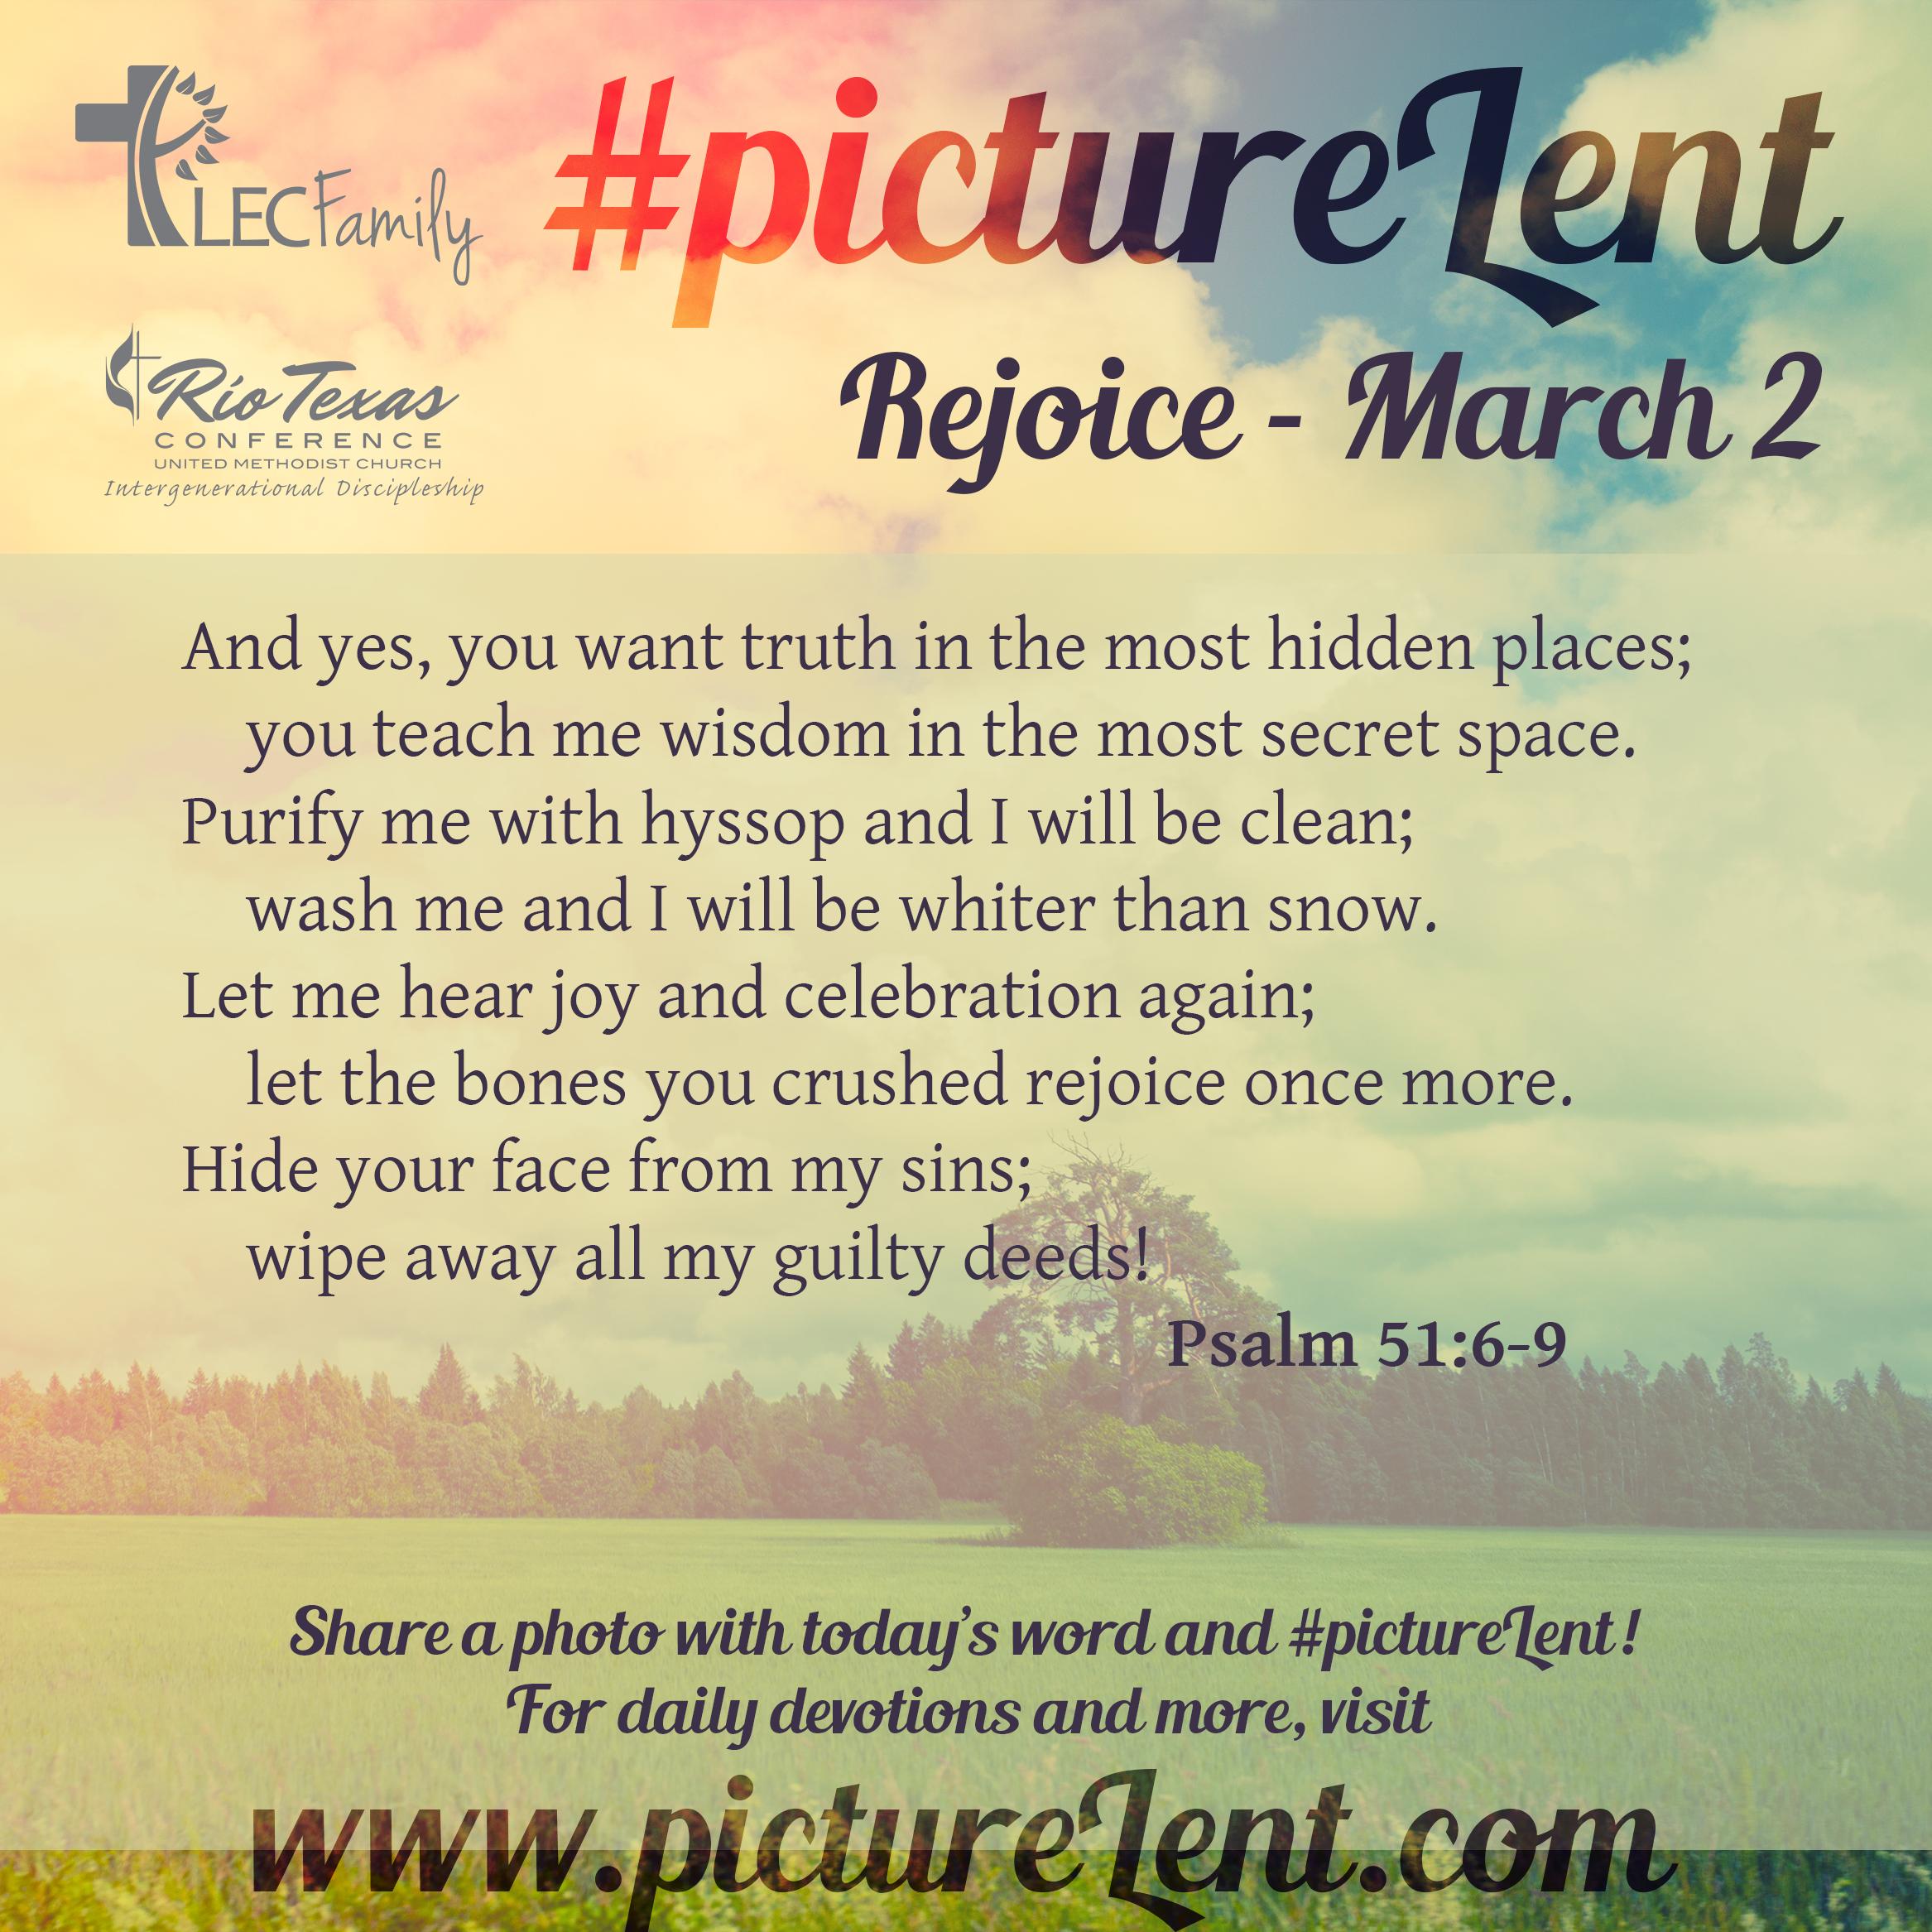 Mar 2 - Rejoice.png